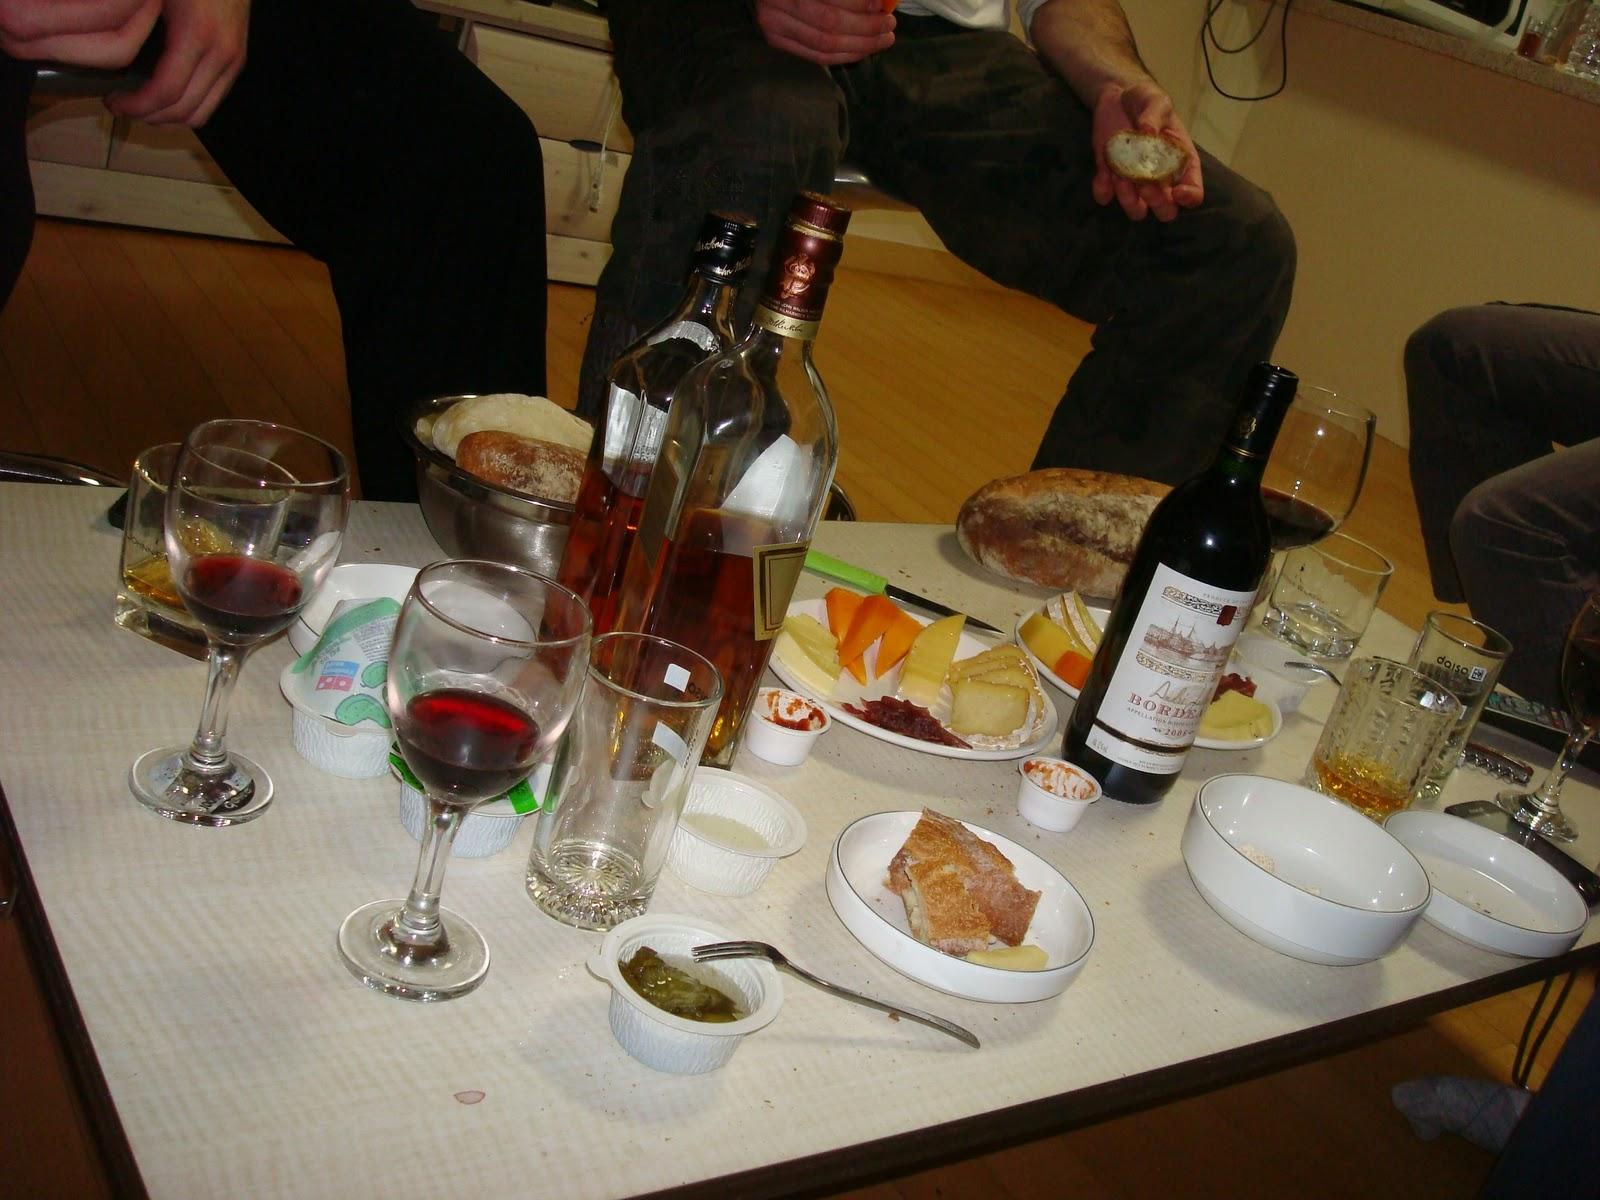 chienmort toujours l 39 est mais plus au sud soir e fromages saucisson vin rouge 14 novembre. Black Bedroom Furniture Sets. Home Design Ideas